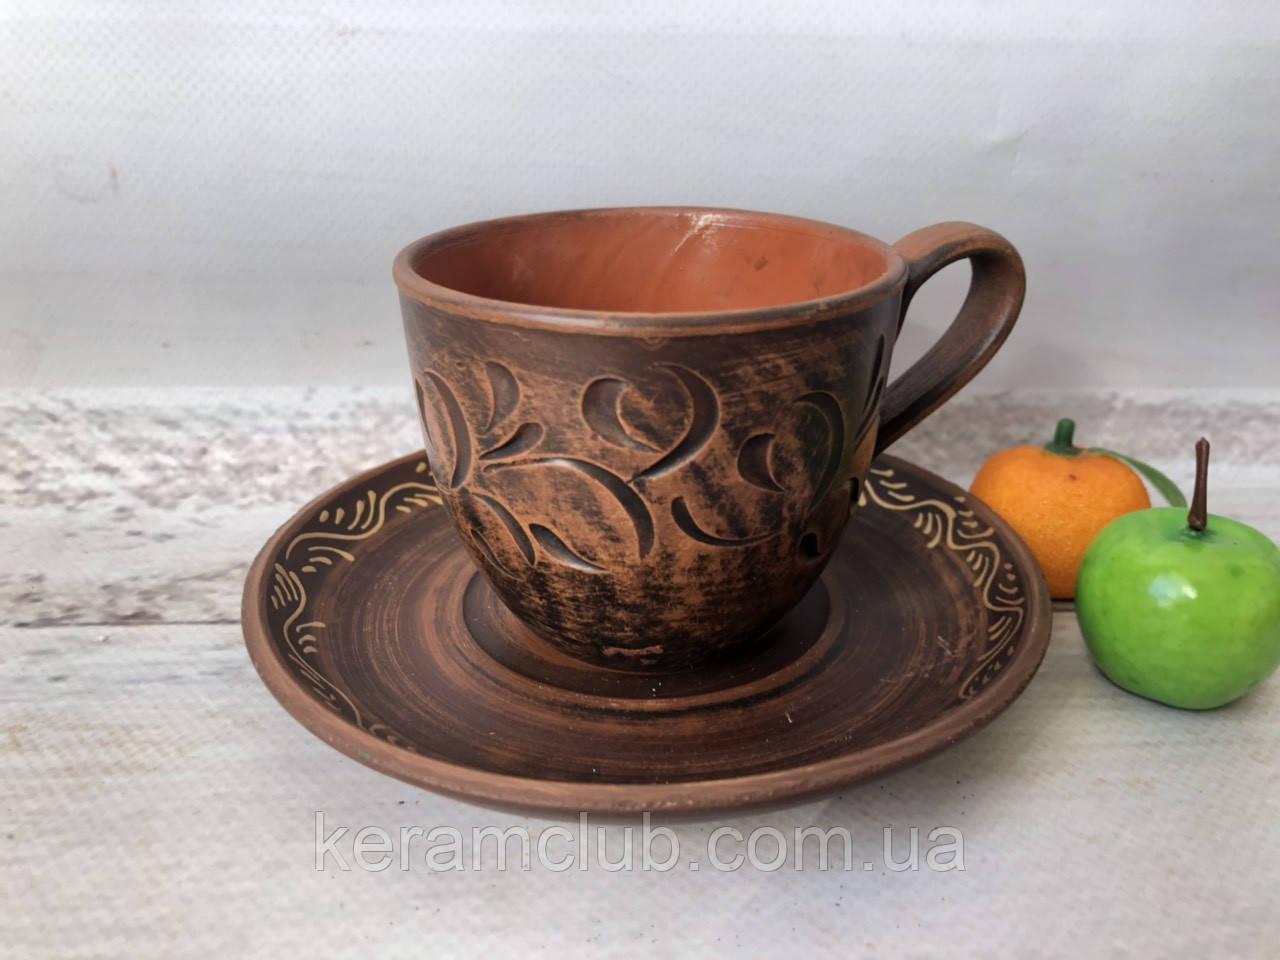 Кофейная чашка из красной глины 180 мл с блюдцем